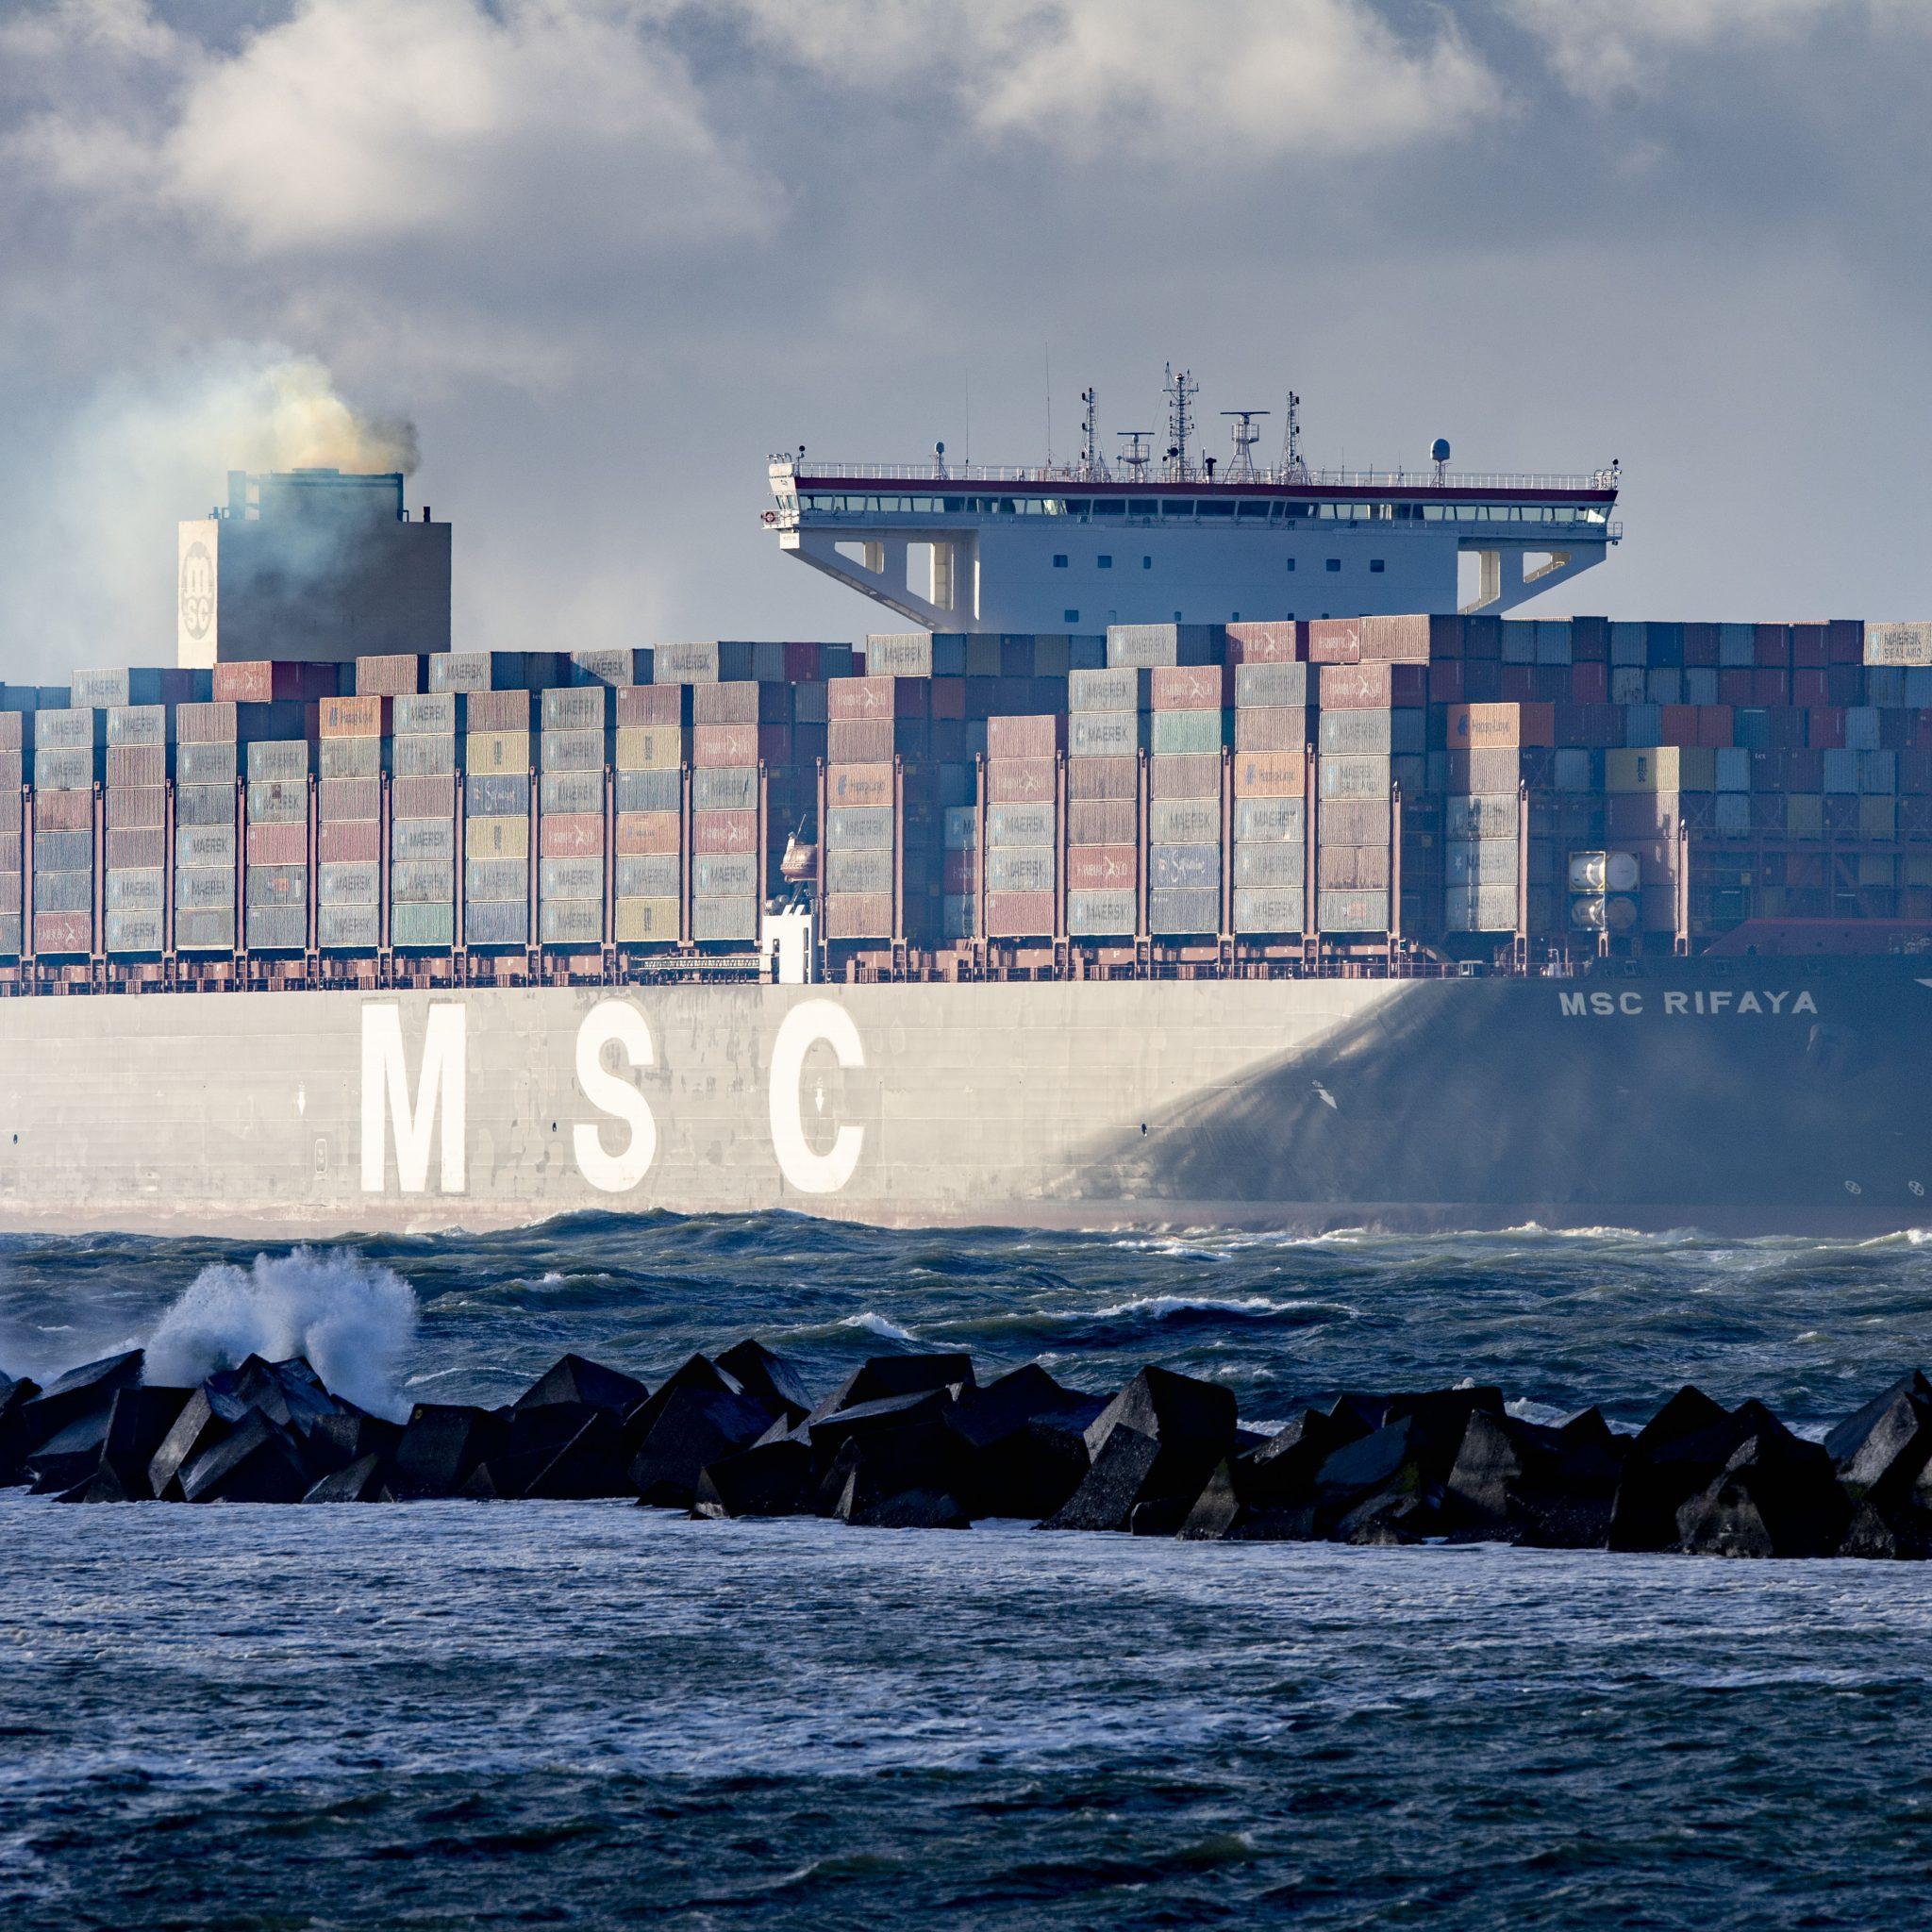 De MSC Rifaya is gearriveerd in de Rotterdamse haven. Het containerschip is het eerste schip uit de 'Suezfile' dat in Rotterdam arriveert. Het schip Ever Given blokkeerde dagenlang het Suezkanaal, waardoor honderden schepen geen kant op konden. Foto ANP/Robin van Utrecht